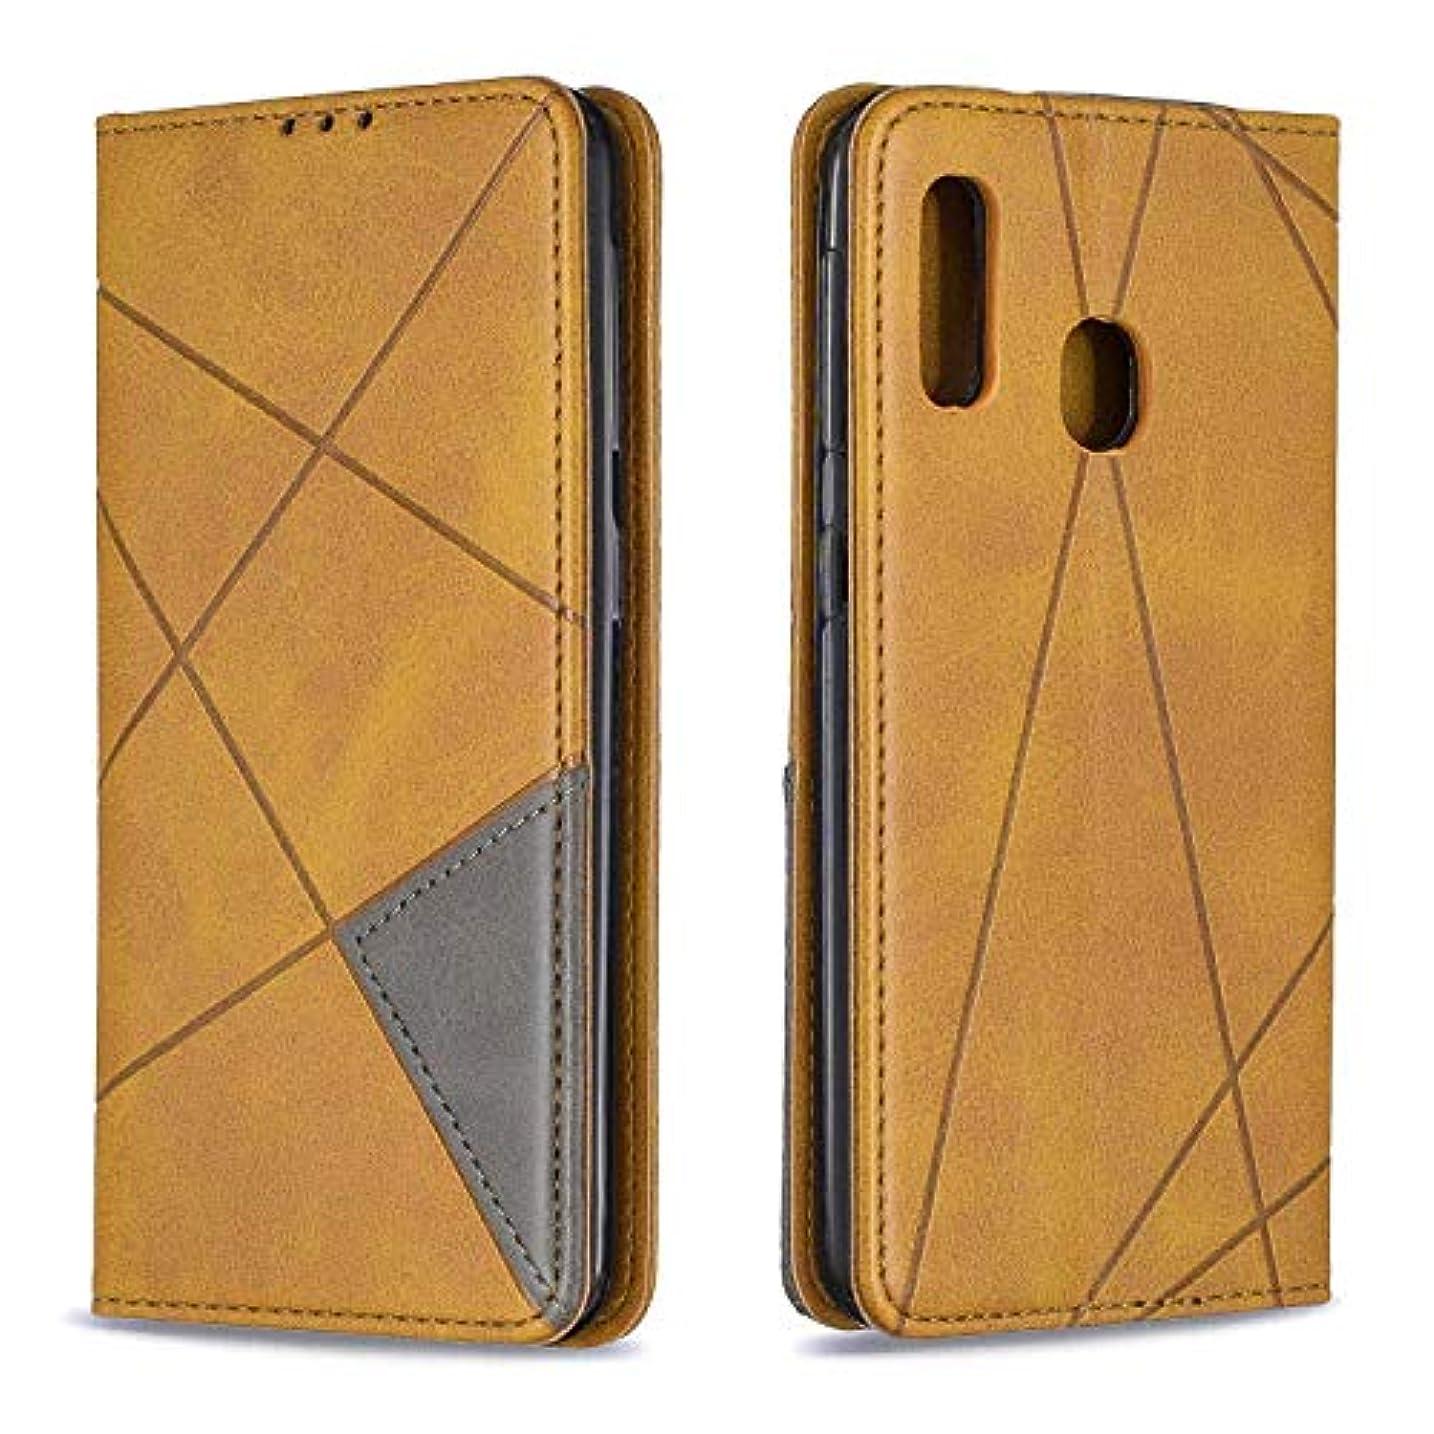 暴徒靴アデレードCUSKING Galaxy A10e ケース, 高級 Samsung Galaxy A10e 手帳型 スマホケース, PUレザー フリップ ノート型 カード収納 付き保護ケース, イエロー